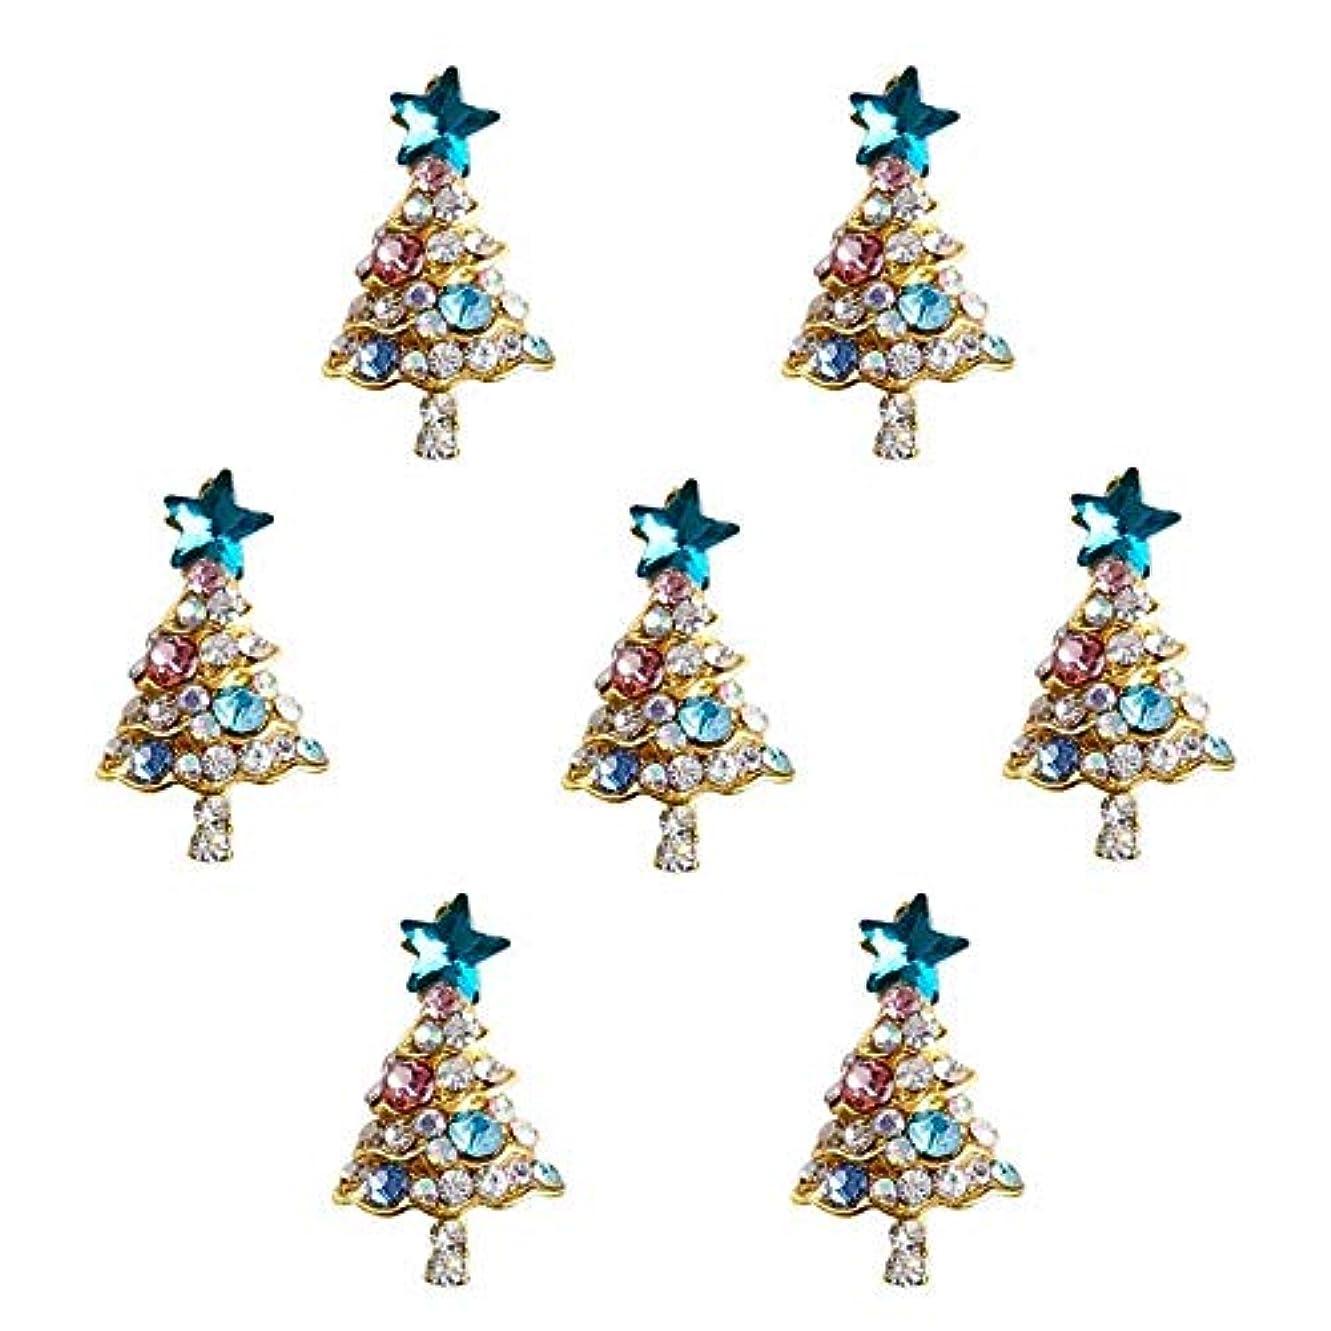 病弱馬鹿セーター10個入り/ロット3Dラインストーンの装飾ブルーグリッタースタークリスマスツリーのデザイン接着剤ネイルアートDIYスタッドは、合金用品